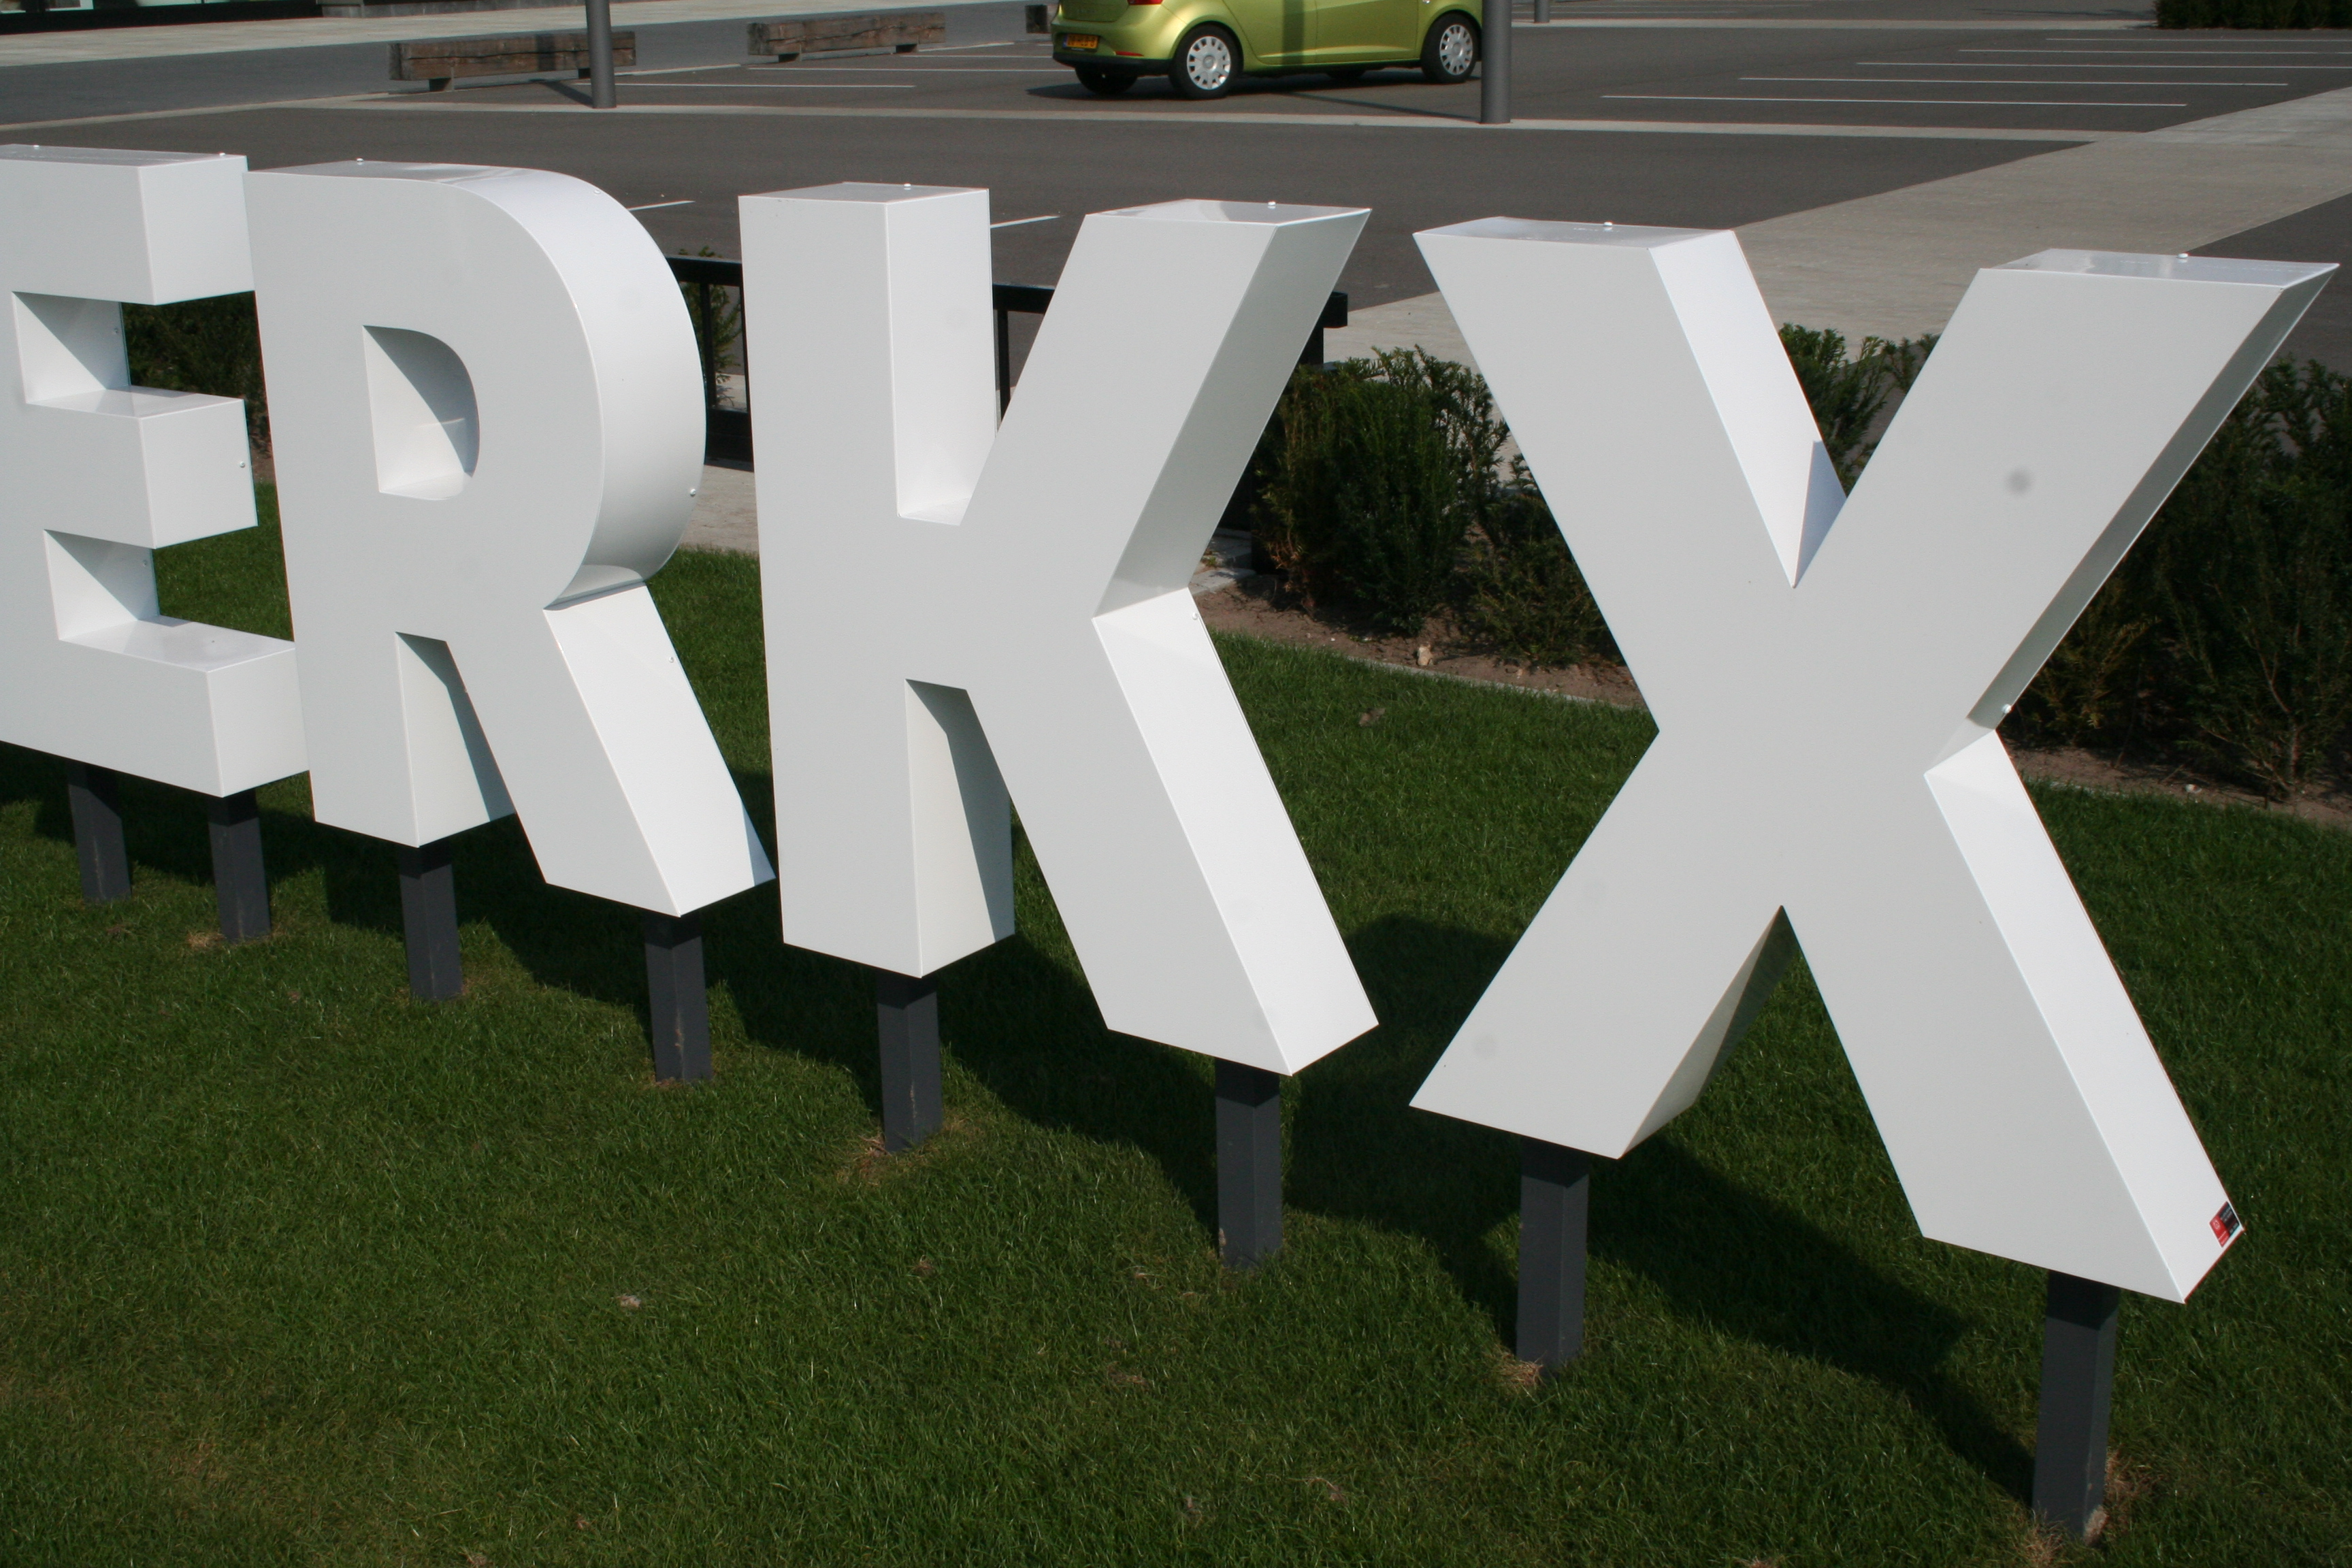 Piet Klerkx Website : Outstore piet klerkx waalwijk c w groep